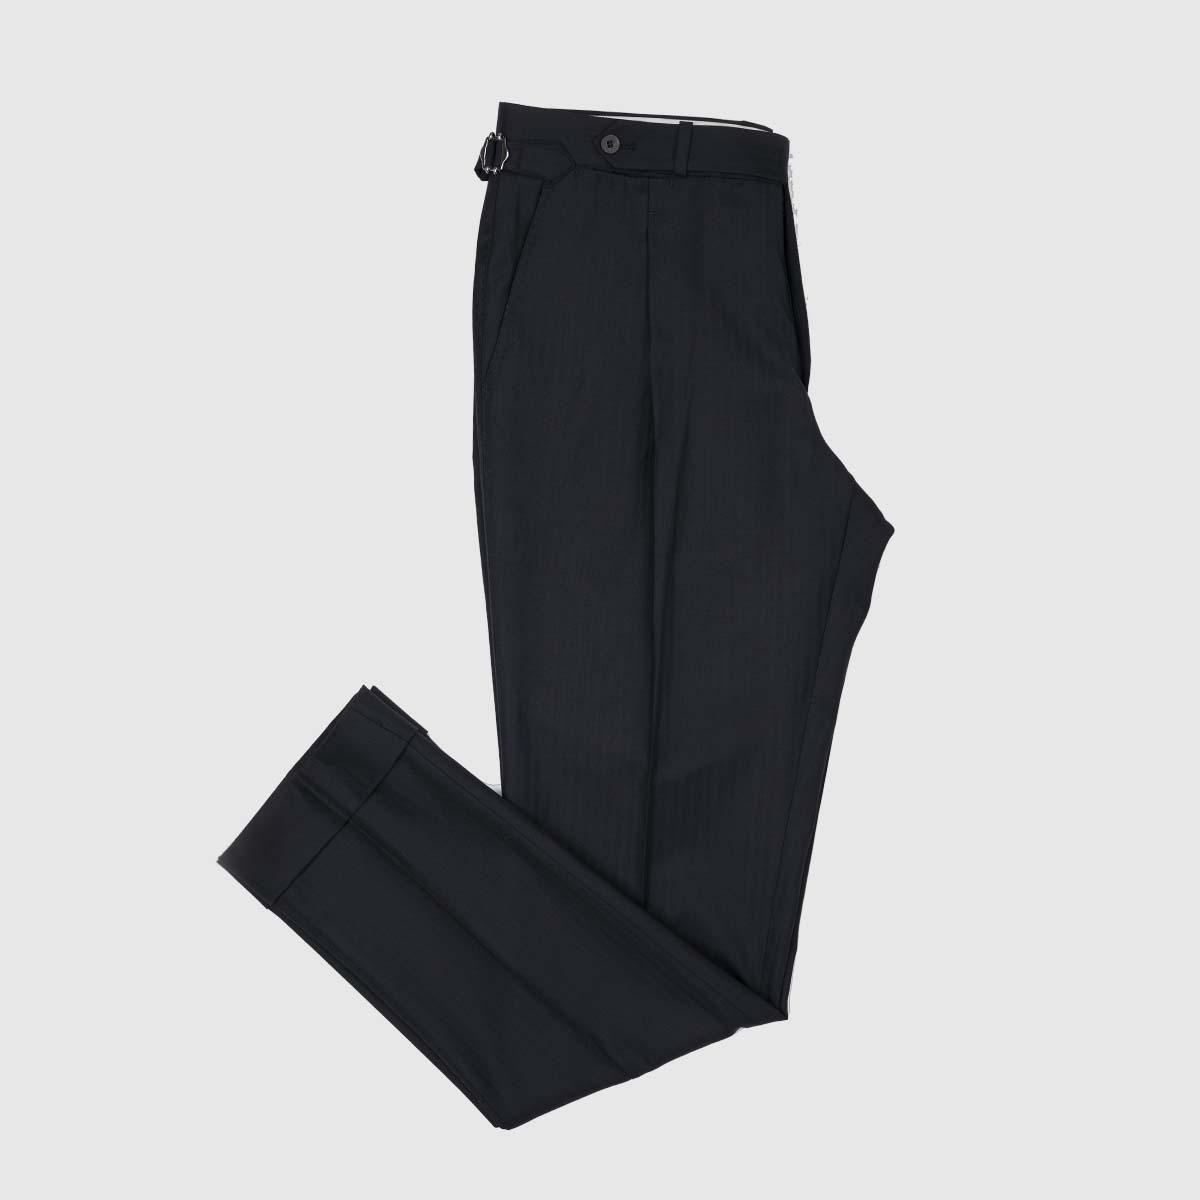 Pantaloni 1 Pince Lana 130'S Nera